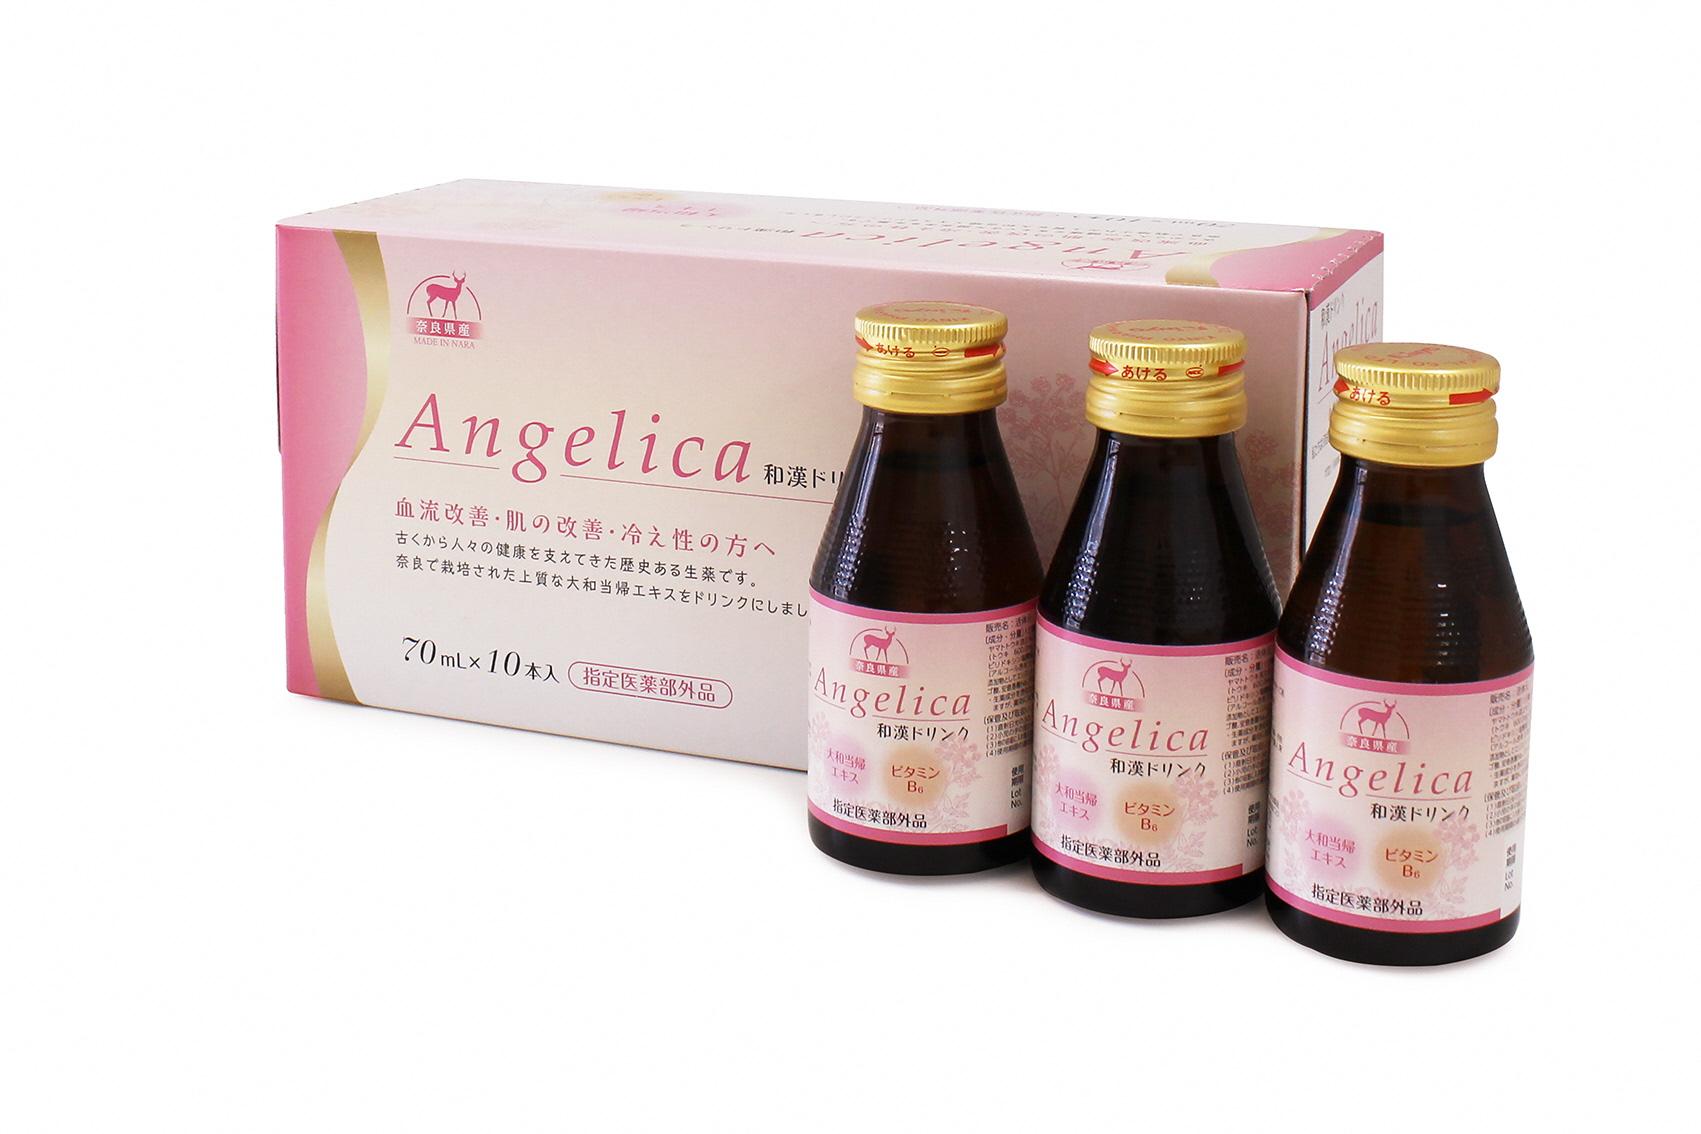 和漢 ドリンク アンジェリカ  大和当帰 ビタミンB6 漢方 血流改善 冷え性 対策 Angelica 指定医薬部外品